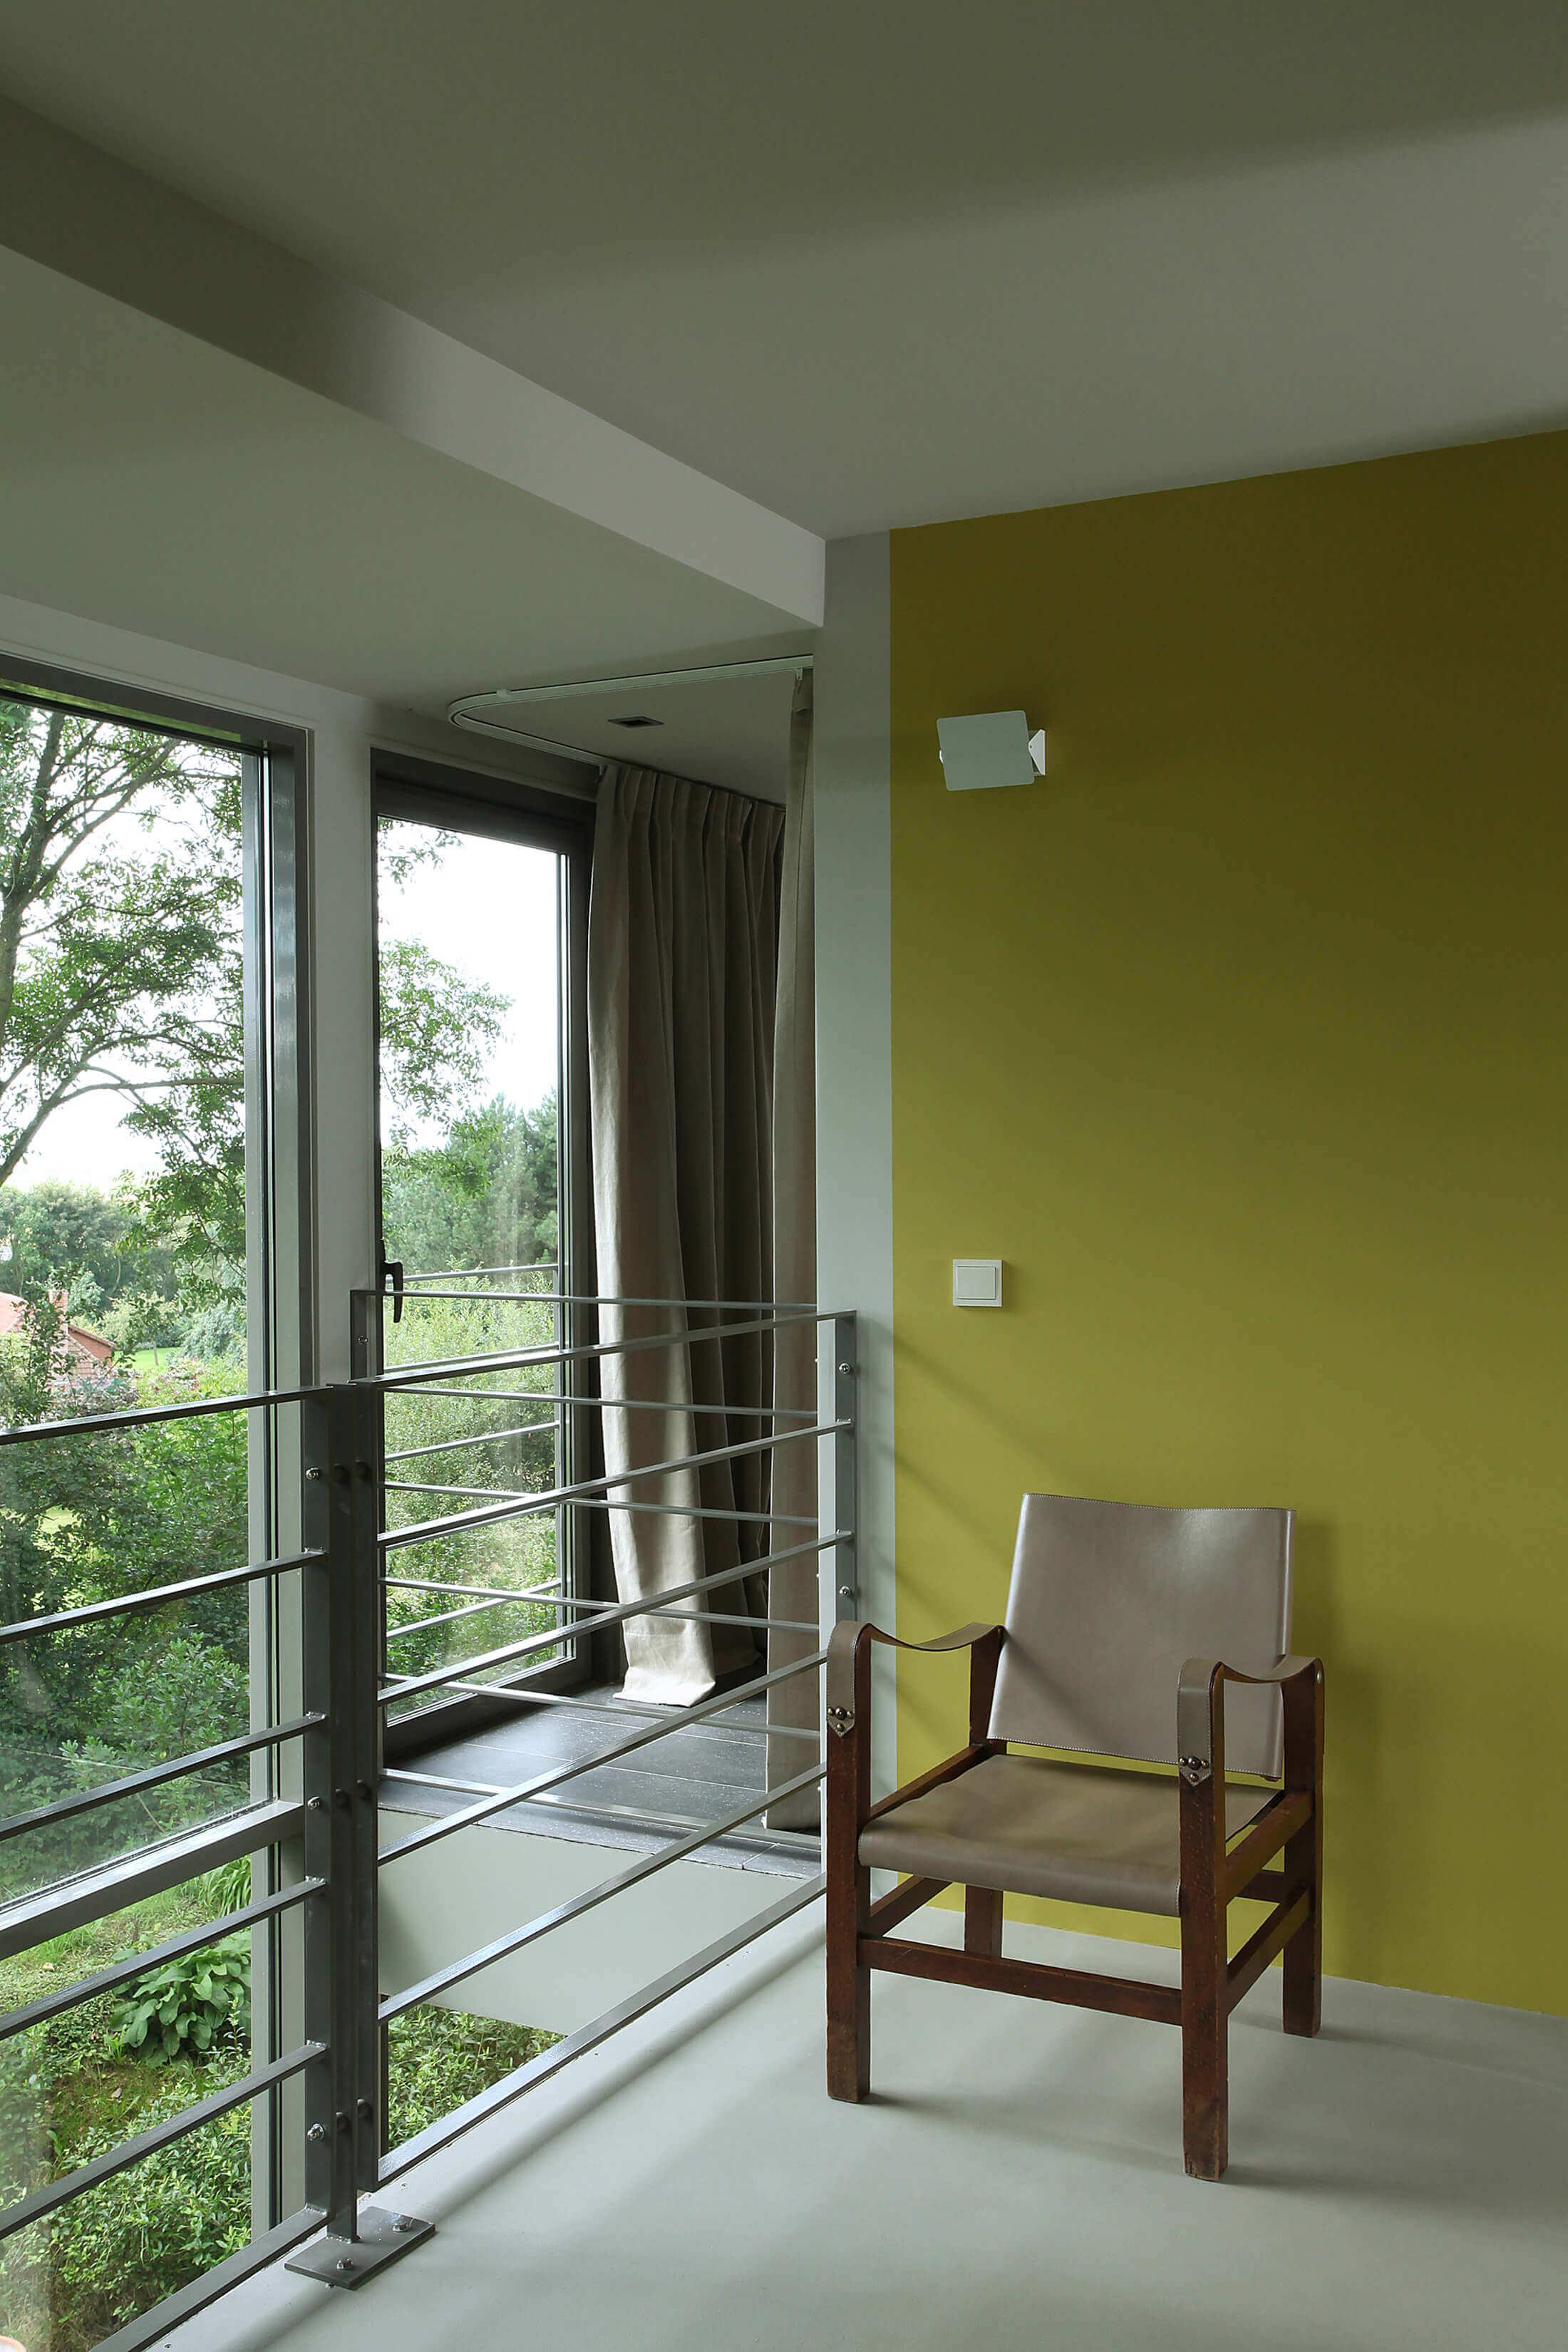 peintre d corateur conseils d co la baule et nantes. Black Bedroom Furniture Sets. Home Design Ideas